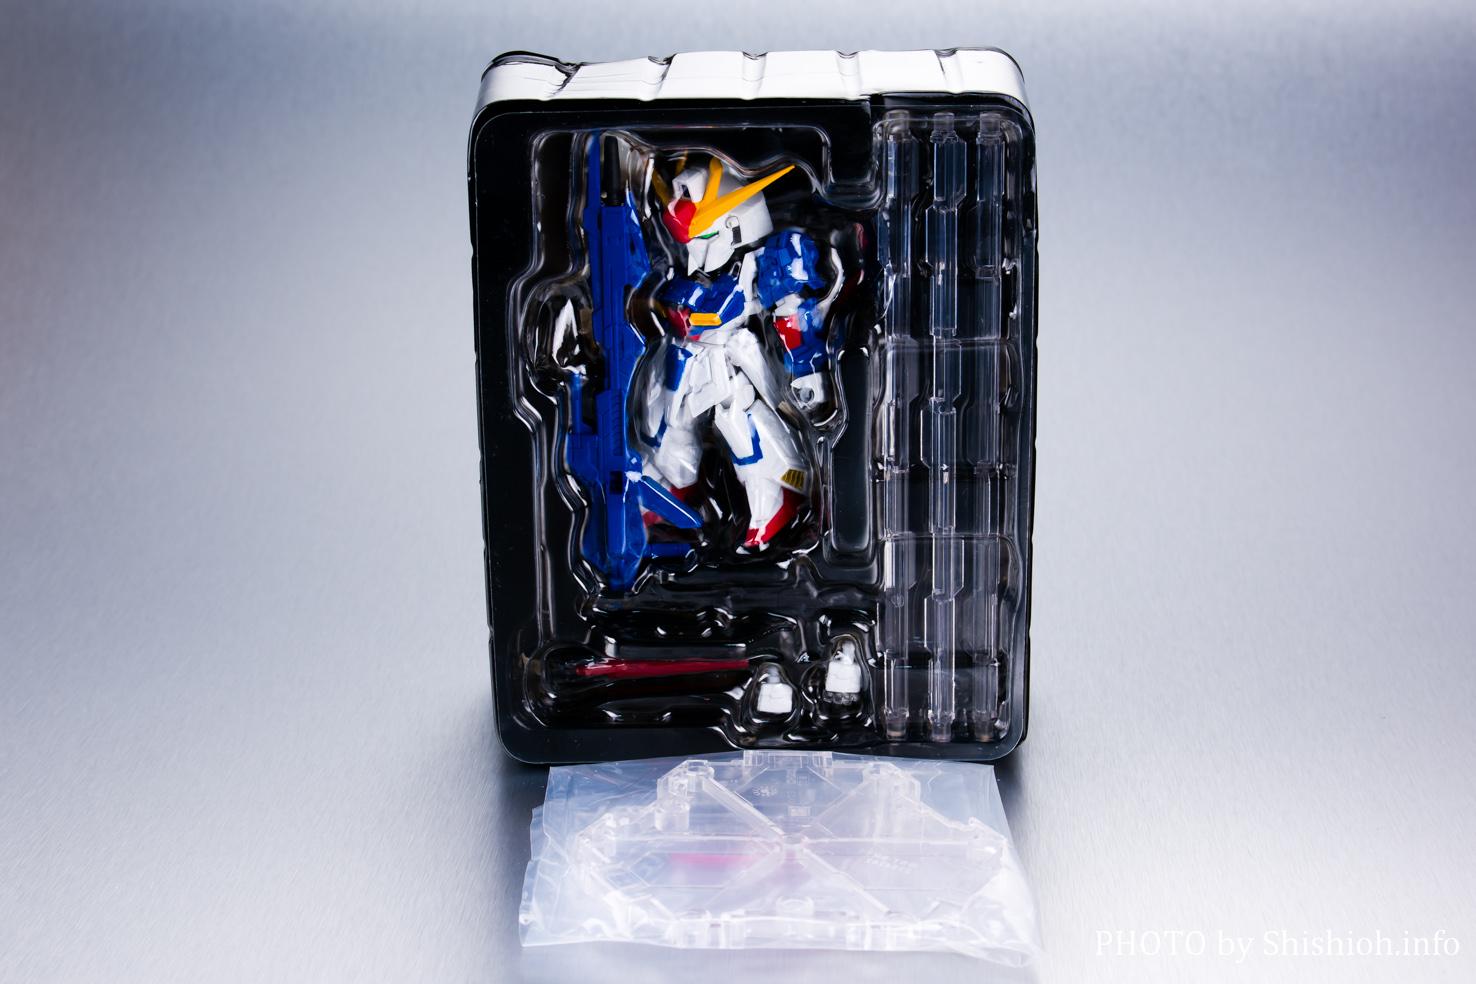 ネクスエッジスタイル[MS UNIT]MSZ-006 Zガンダム+ハイパー・メガ・ランチャー